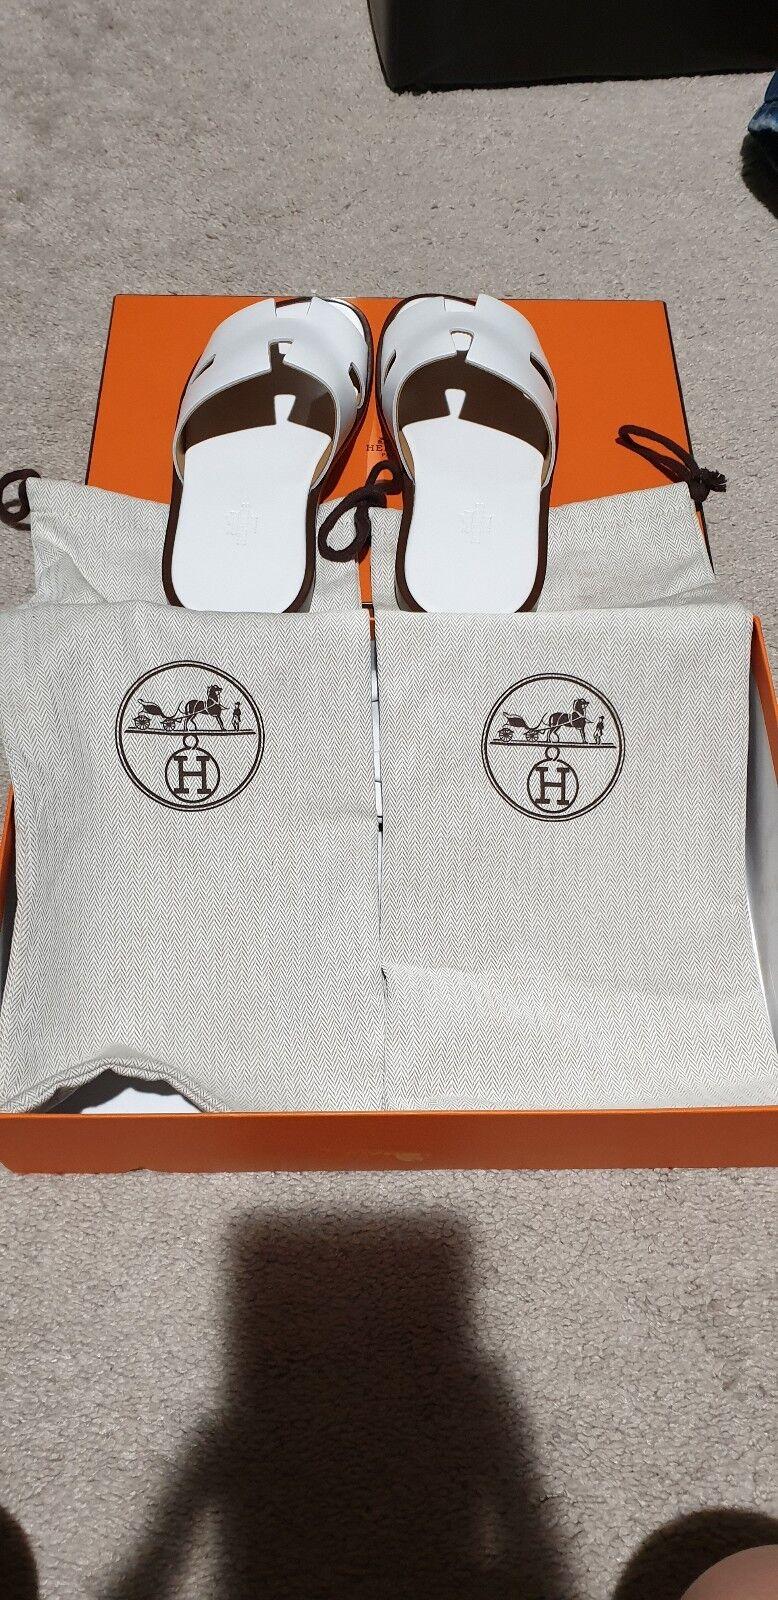 HERMES para Hombre H Sandalia en blancoo Talla 40 (US 6.5) totalmente Nuevo Con Caja Y Bolsa De Polvo